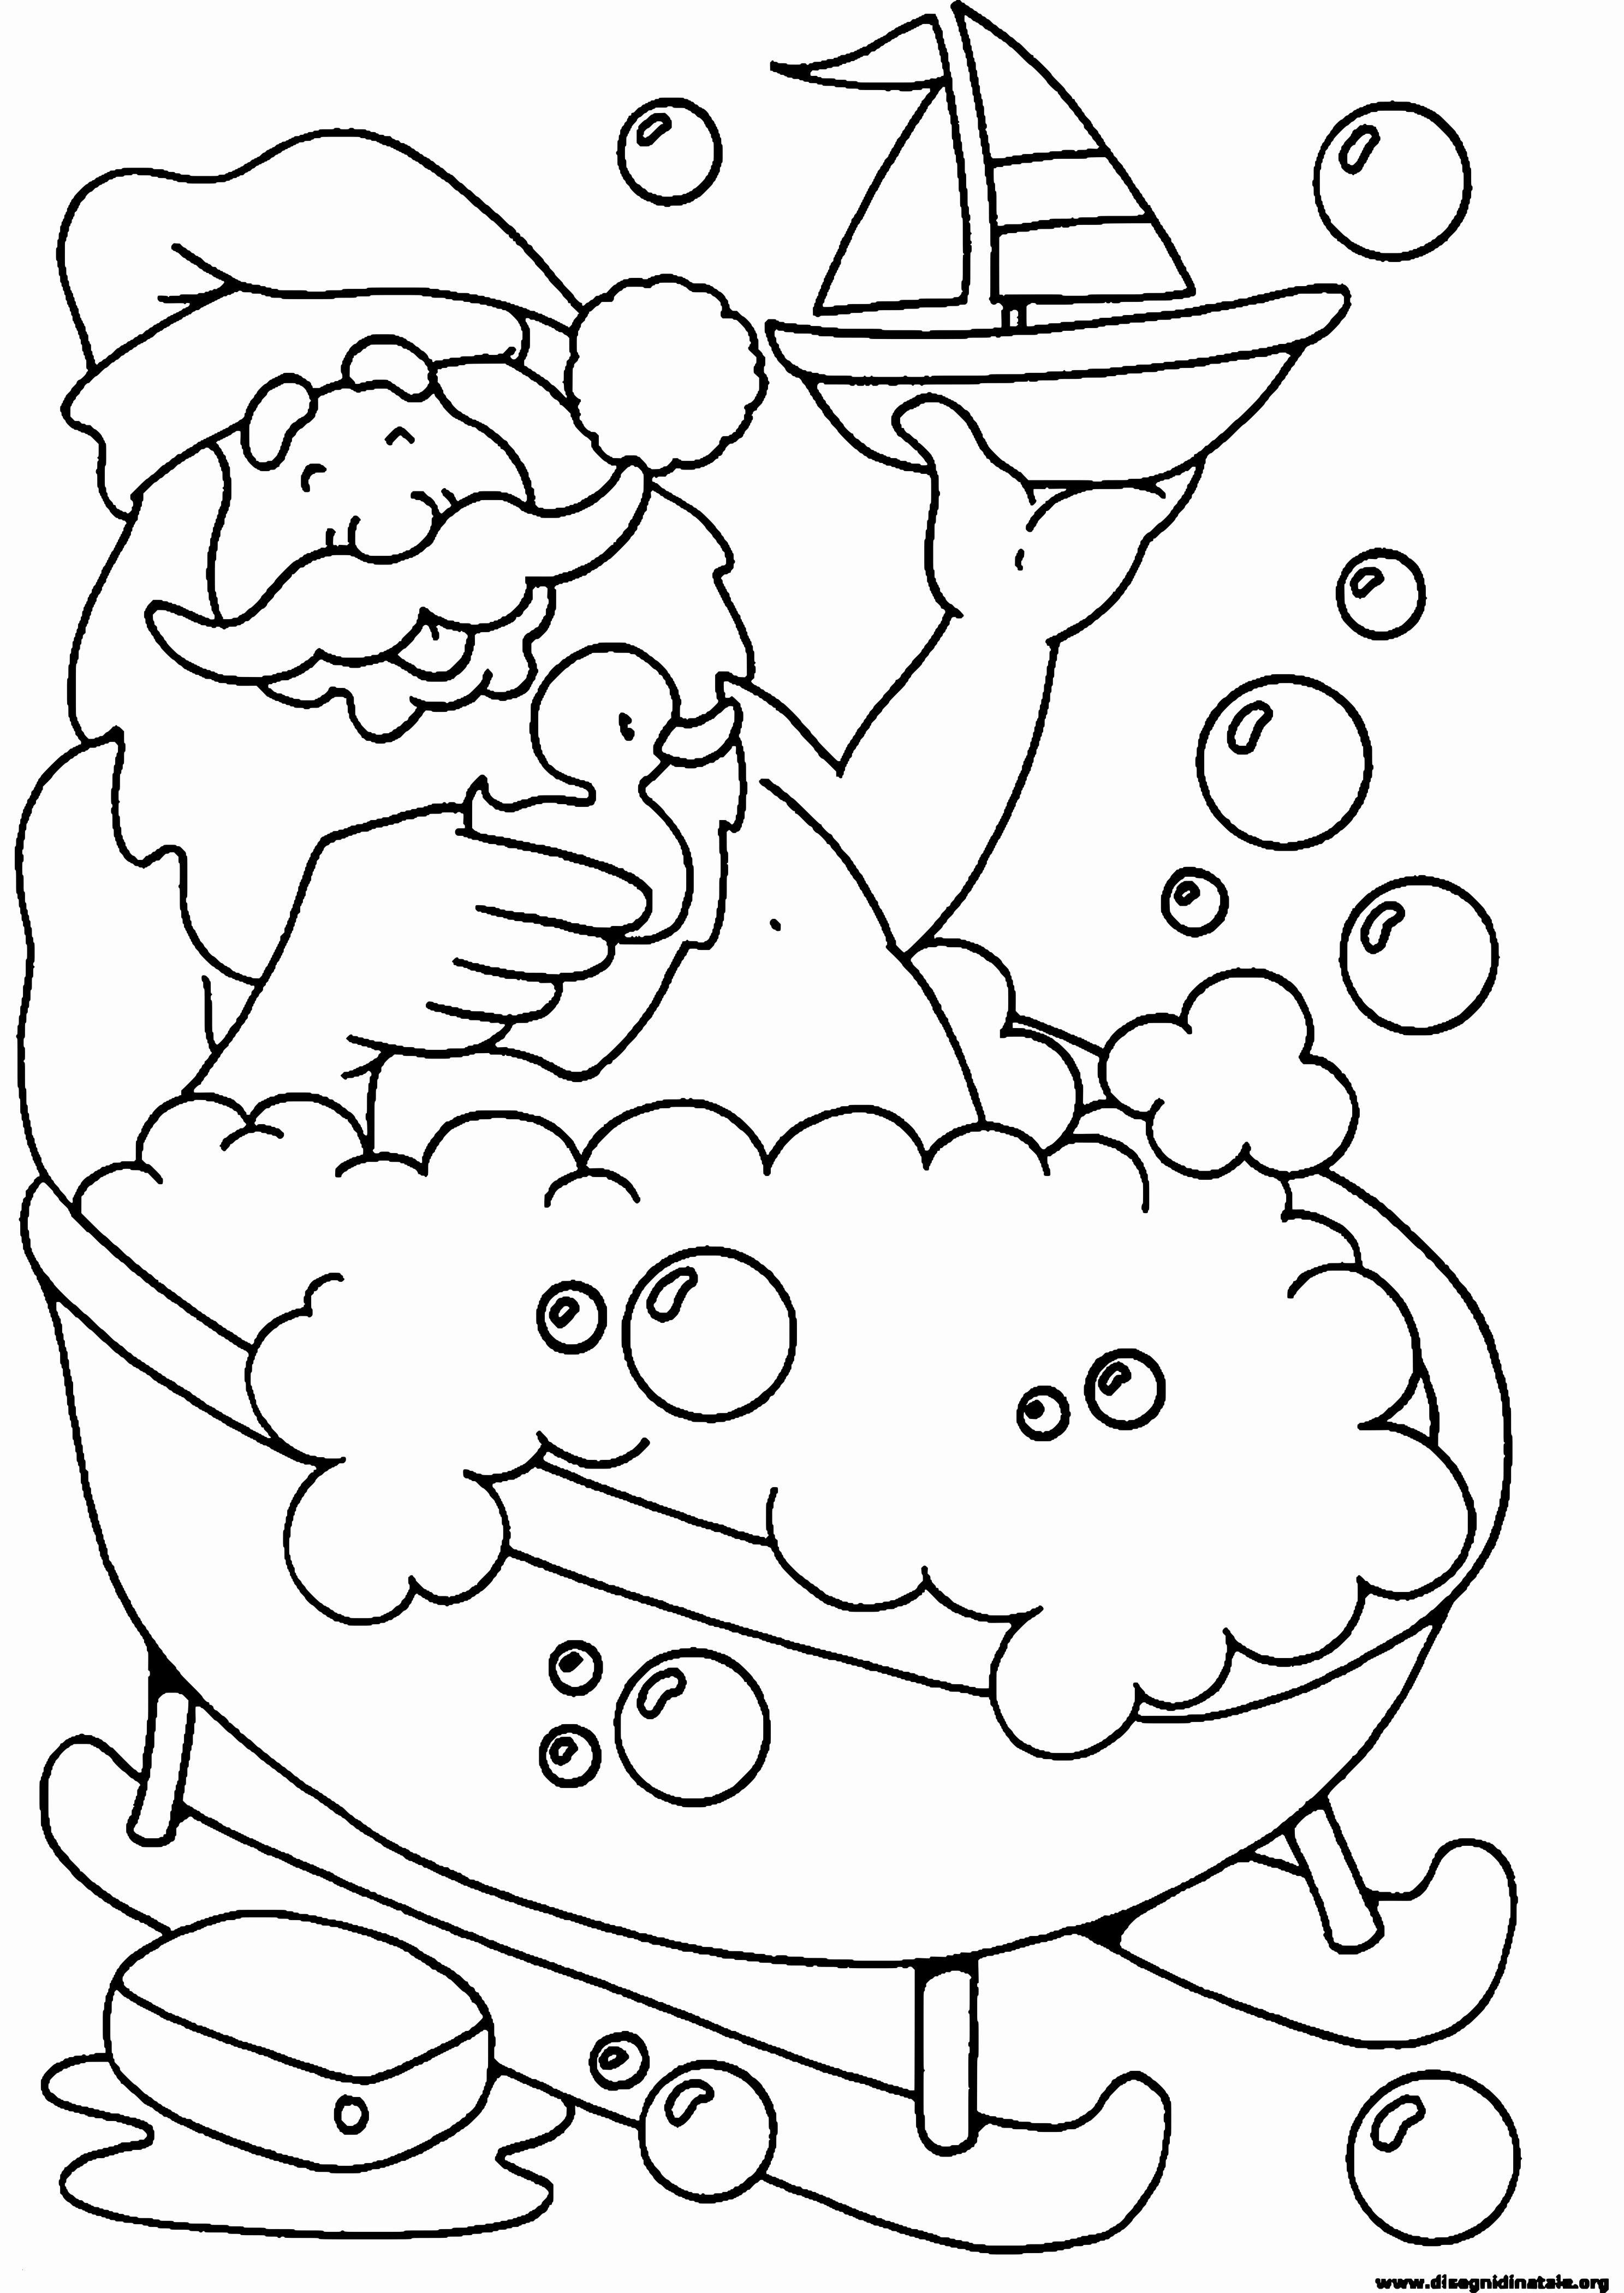 Hello Kitty Ausmalbild Das Beste Von Ausmalbilder Von Hello Kitty Best 35 Hello Kitty Ausmalbilder Bilder